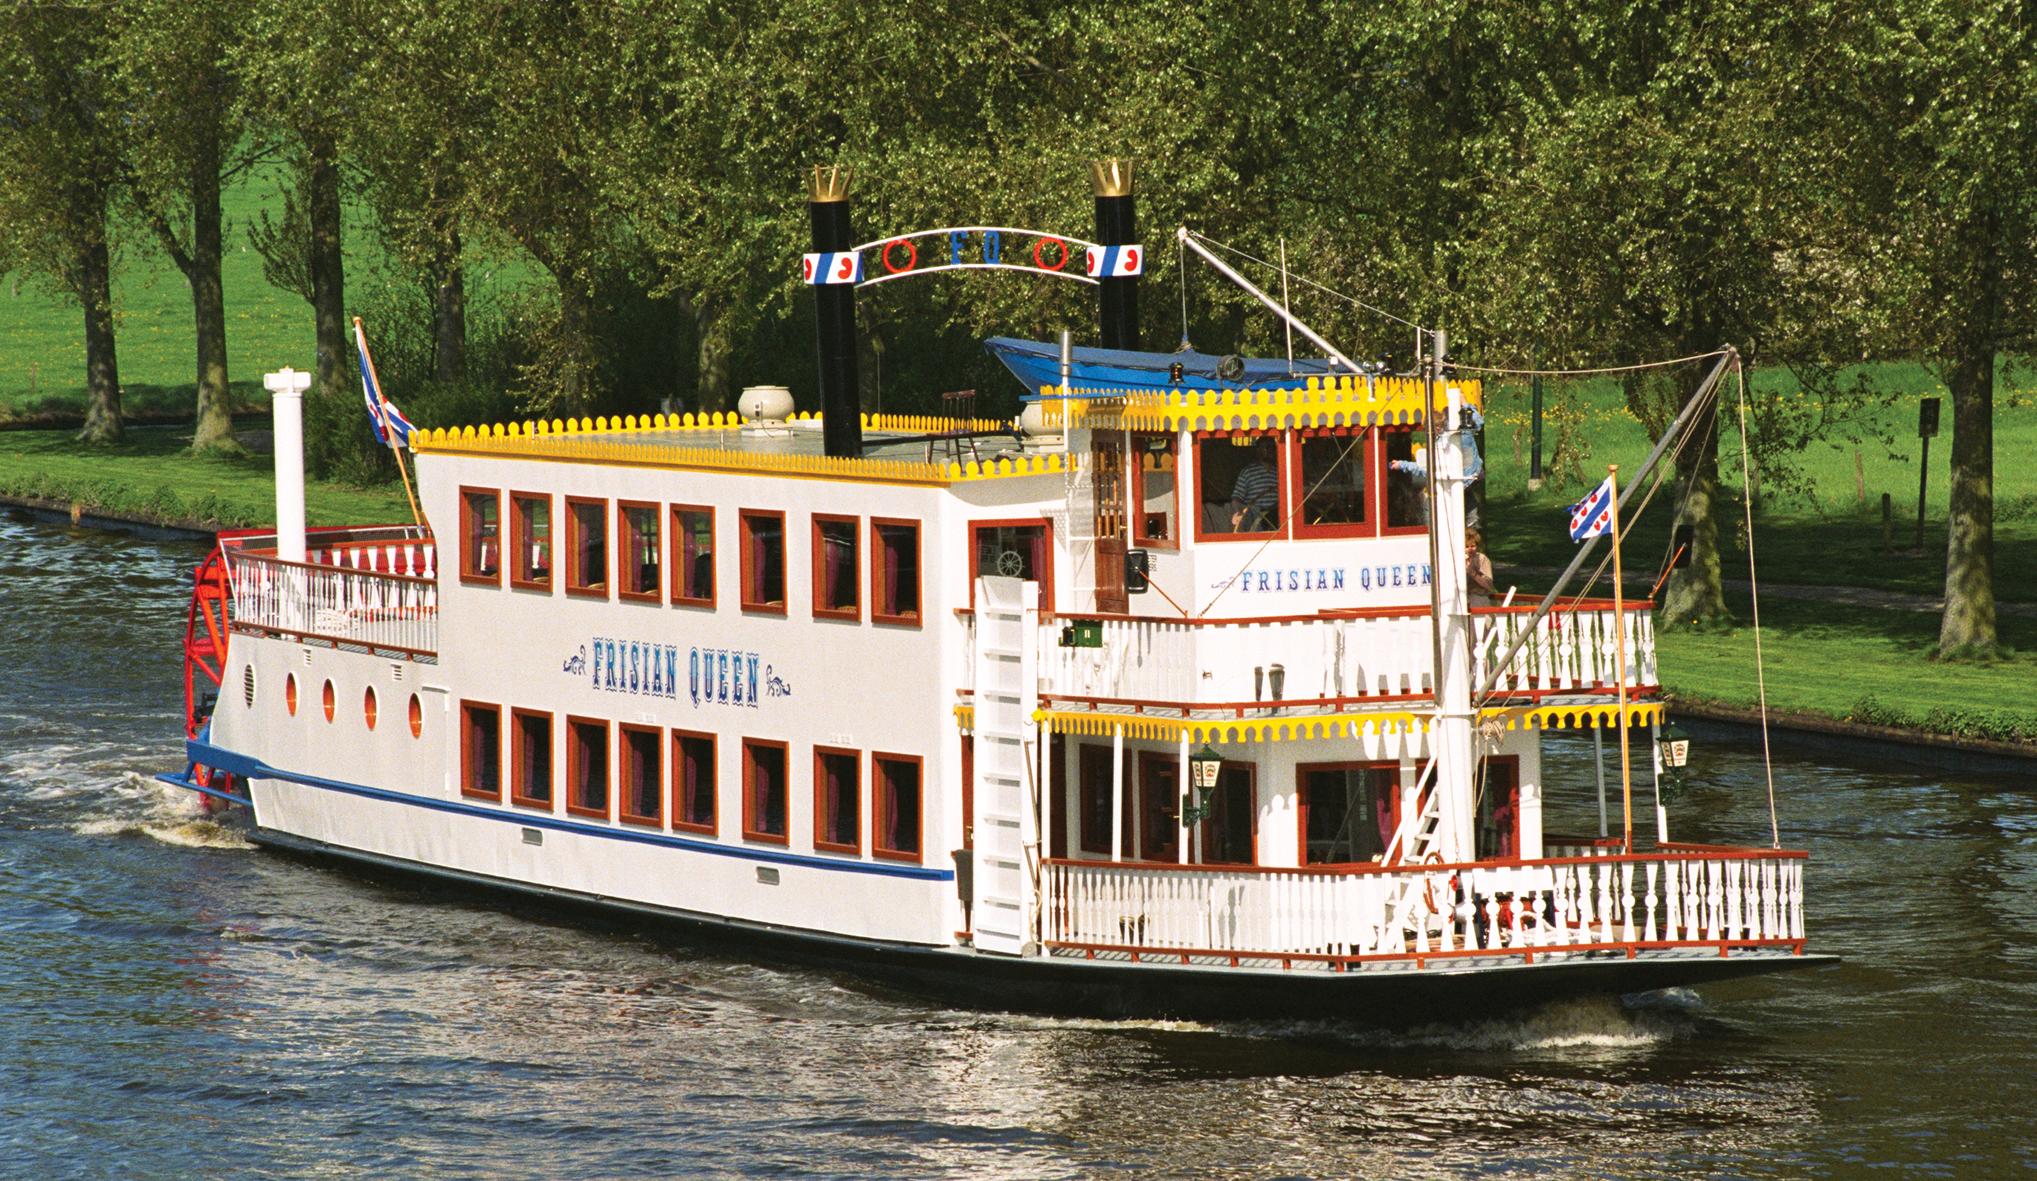 Eerder liet de Frisian Queen Schuttevaer weten dat het moeite heeft om het schip vol te krijgen. (Foto Frisian Queen)